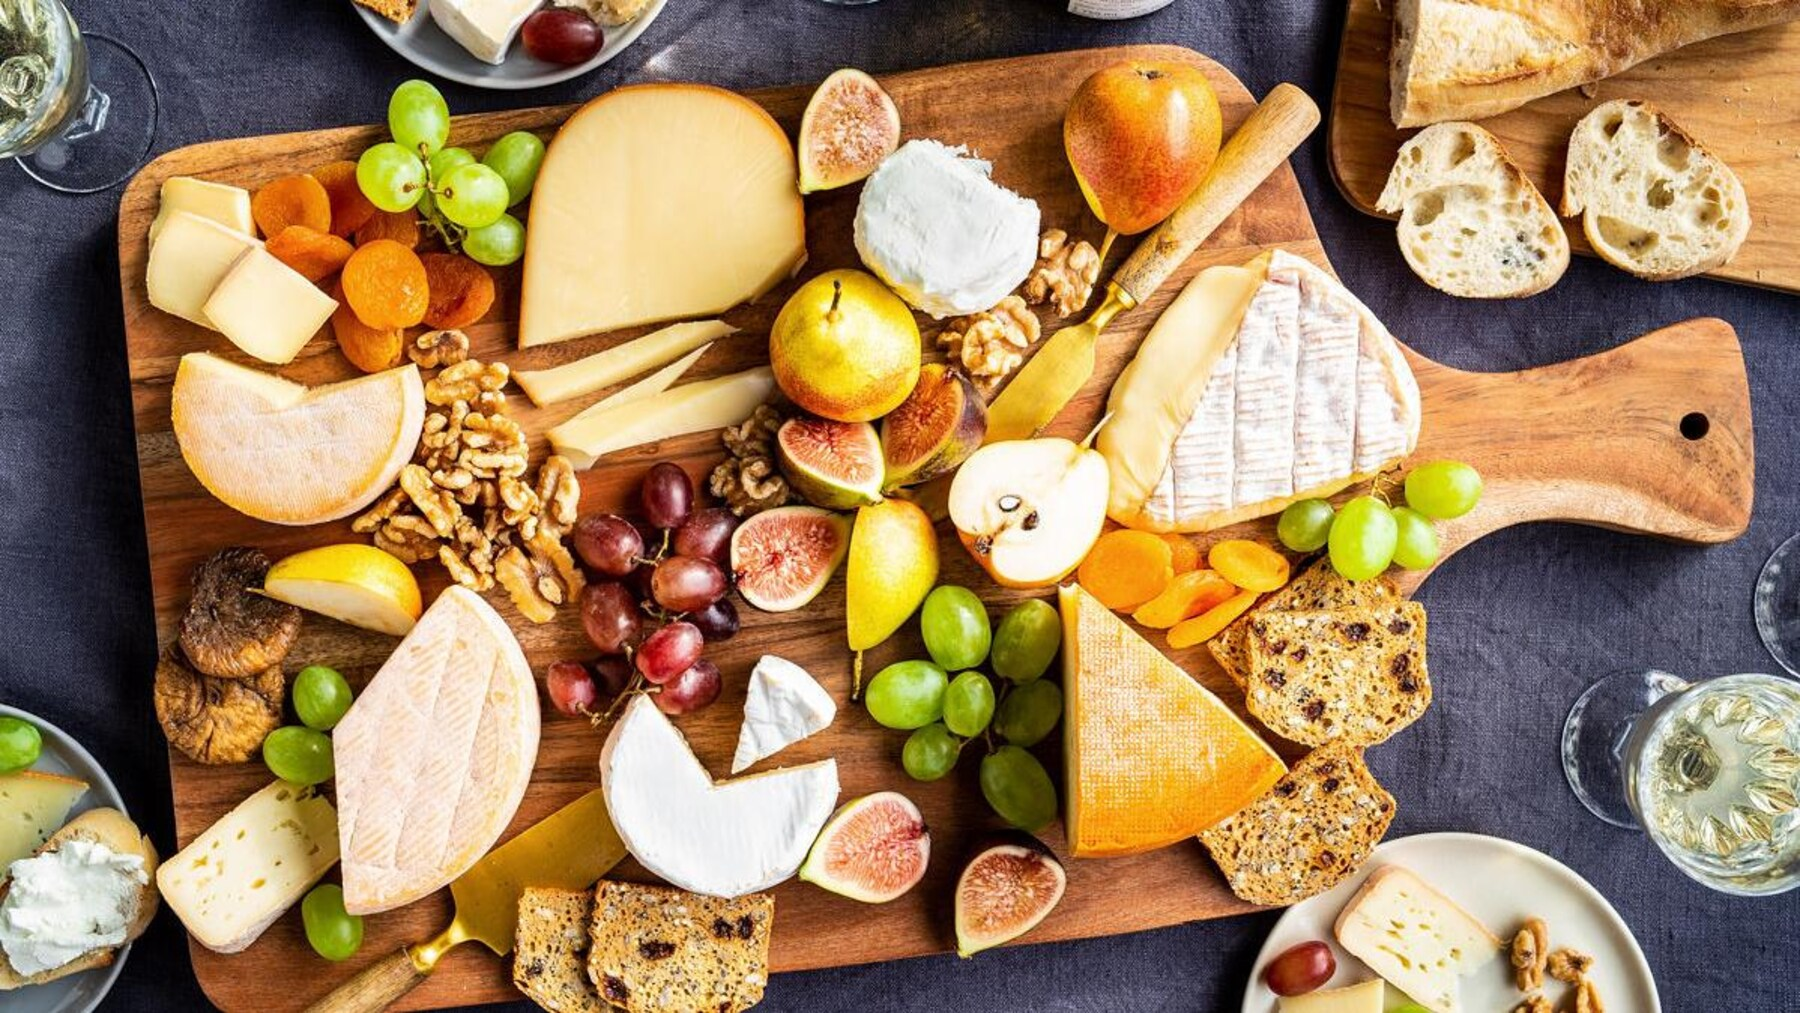 Plateau de plusieurs fromages fins avec des noix, des fruits et des craquelins.